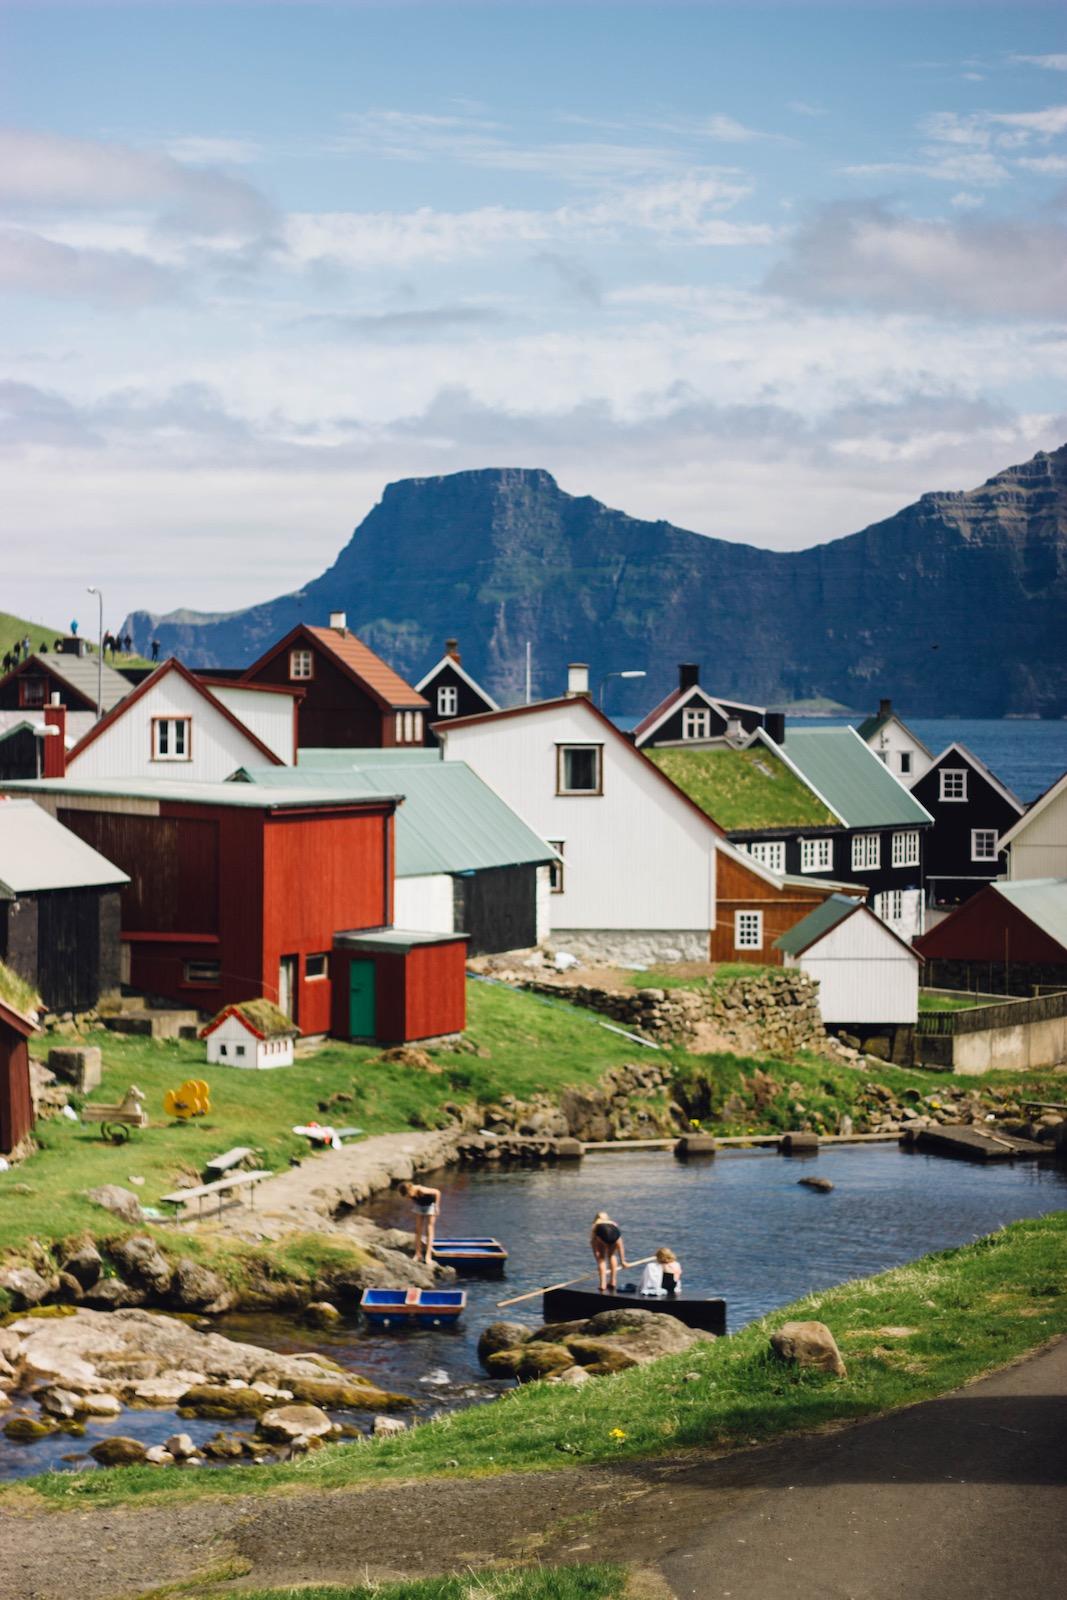 DepartDeux / Færøerne